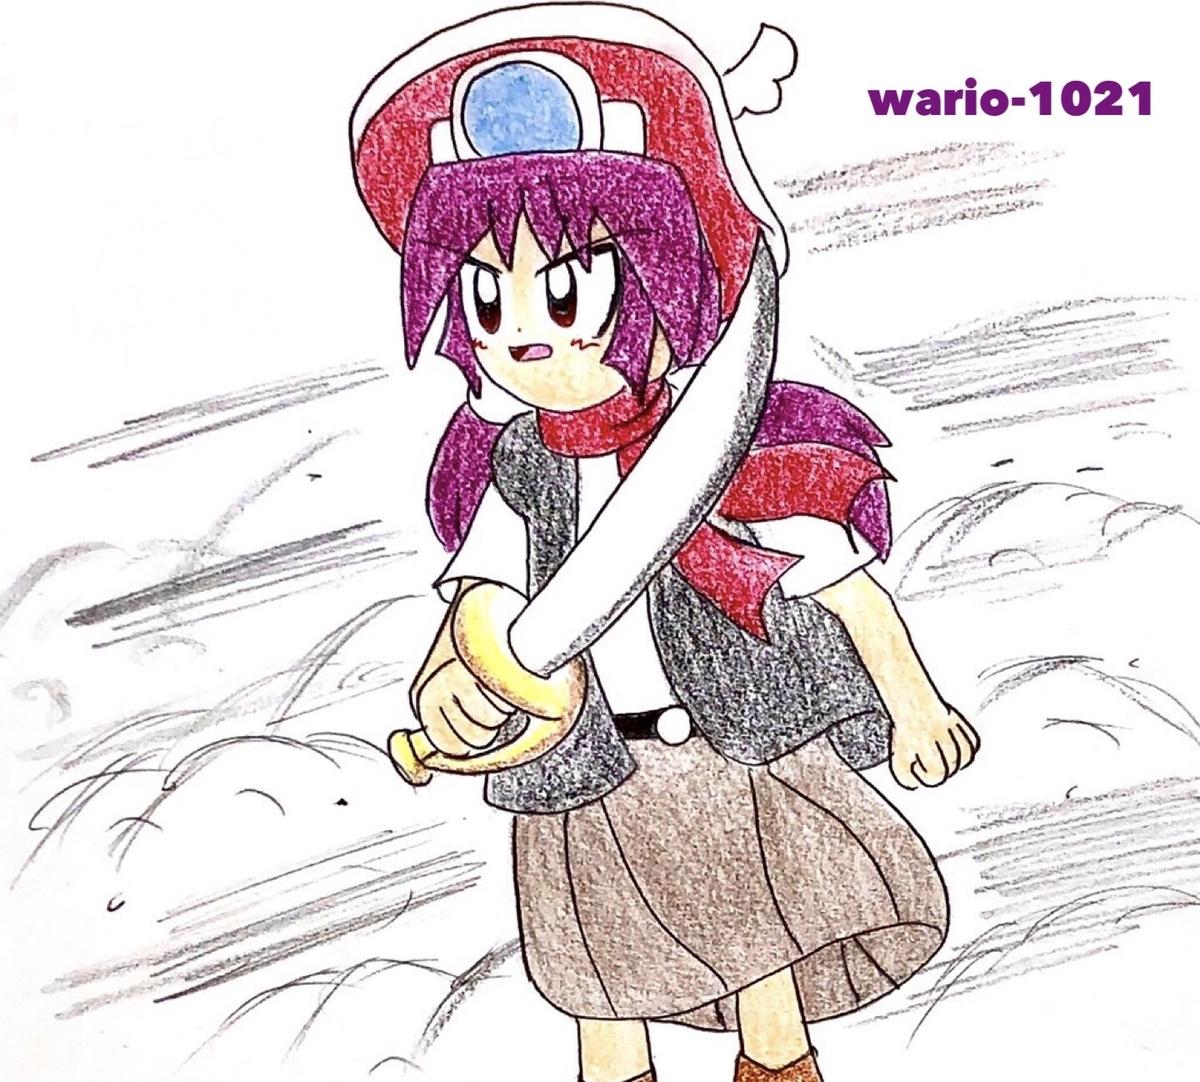 f:id:wario-1021:20201218185448j:plain